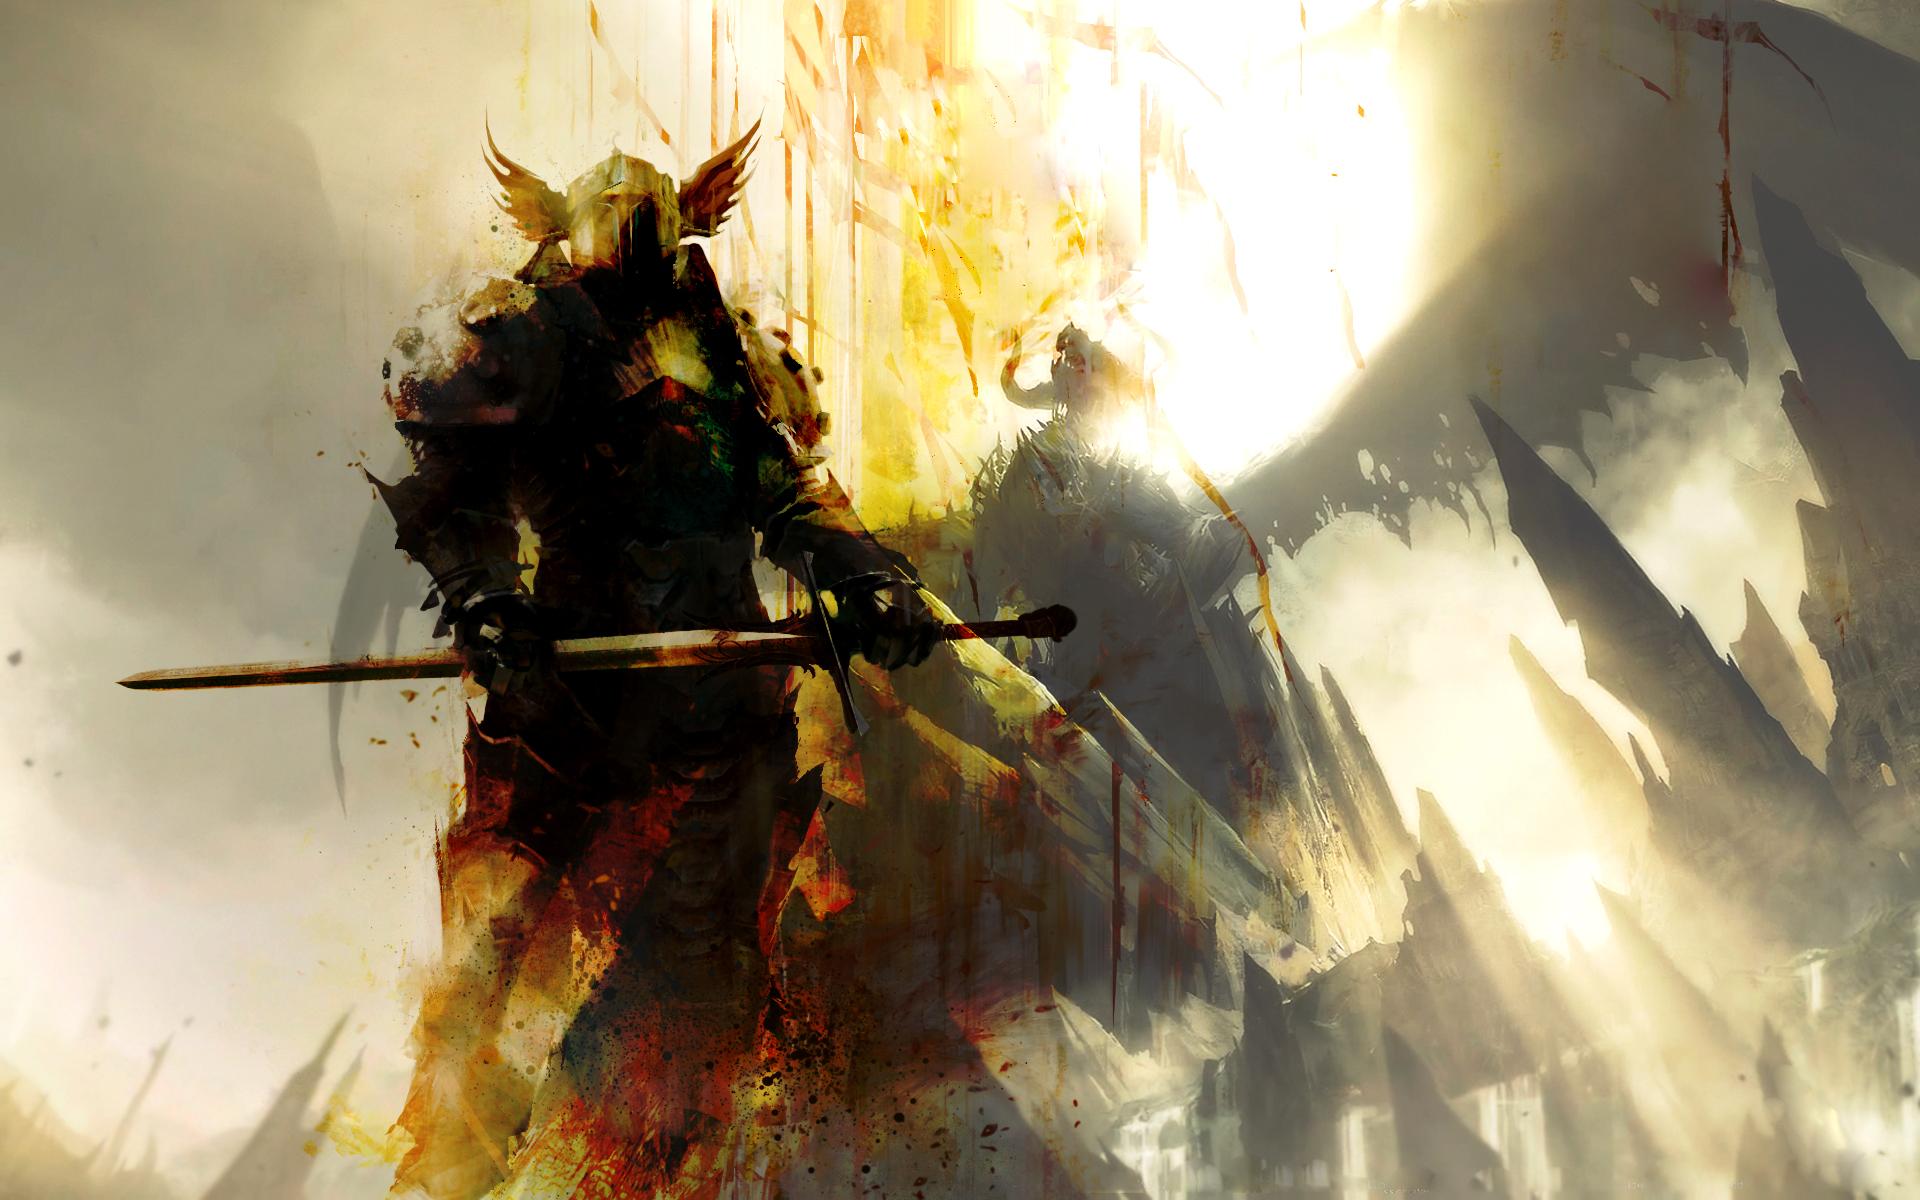 guild wars 2 wallpaper by nightseye on deviantart